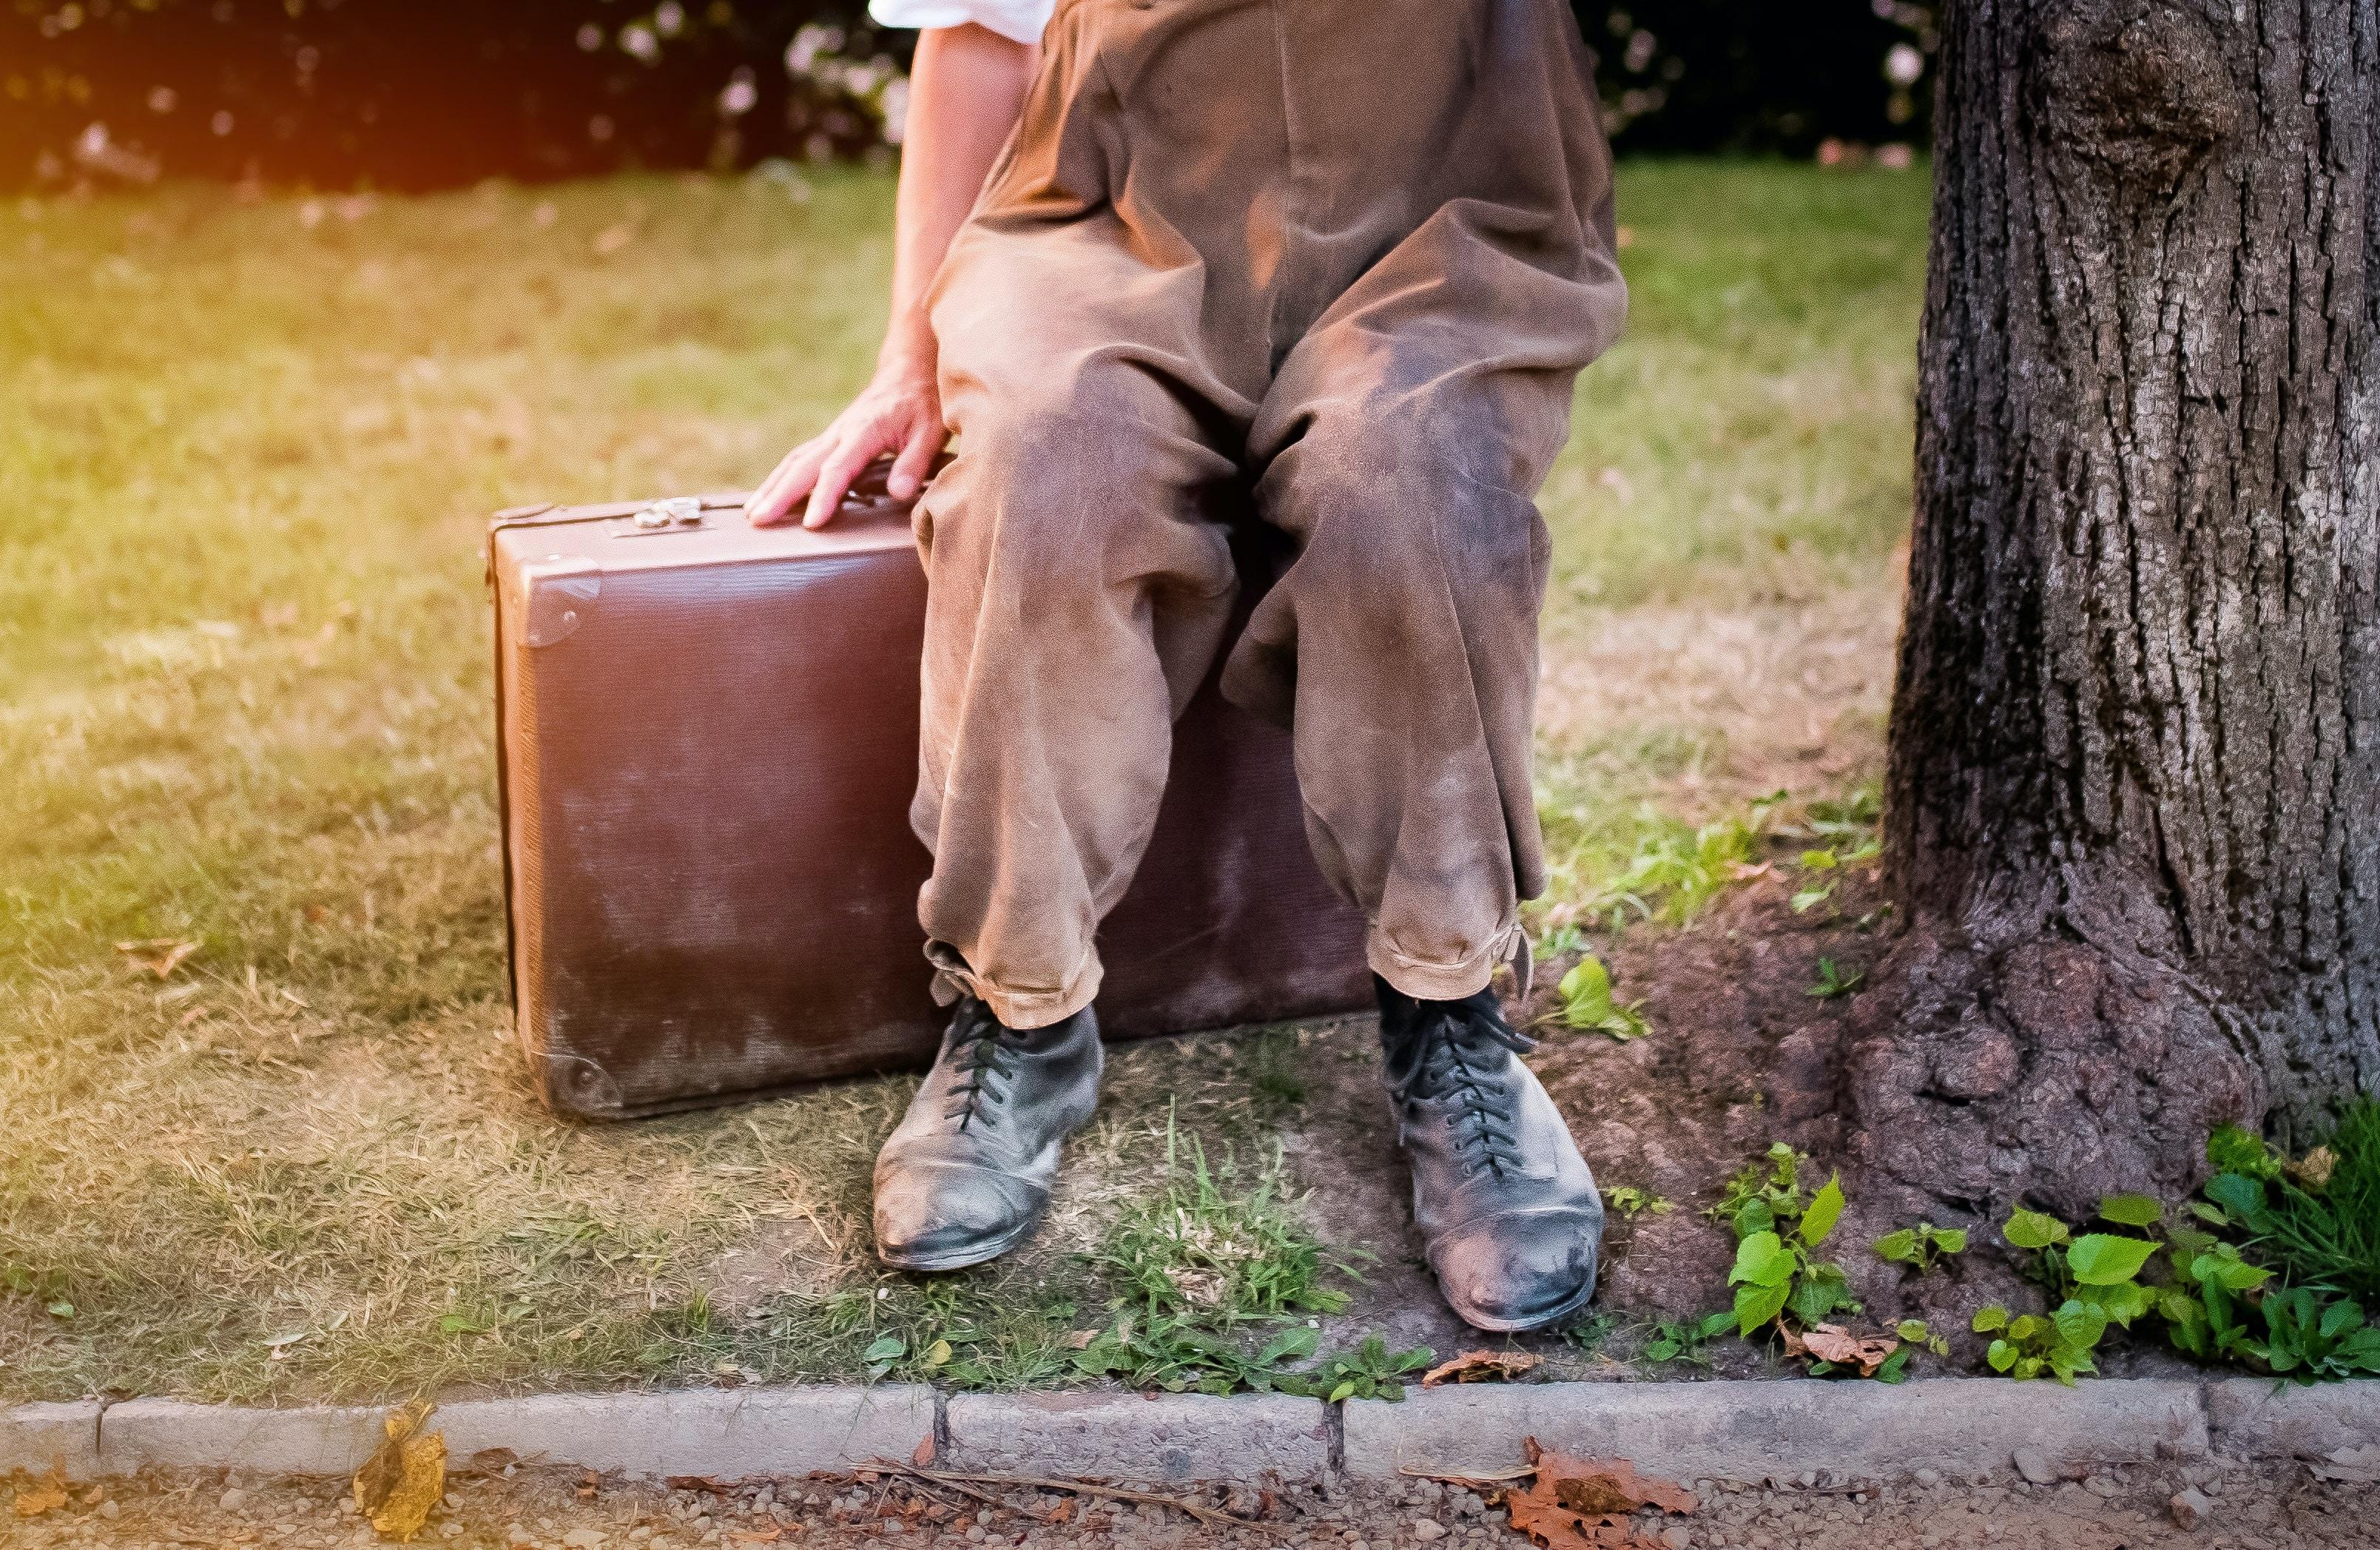 man sitting on attache case